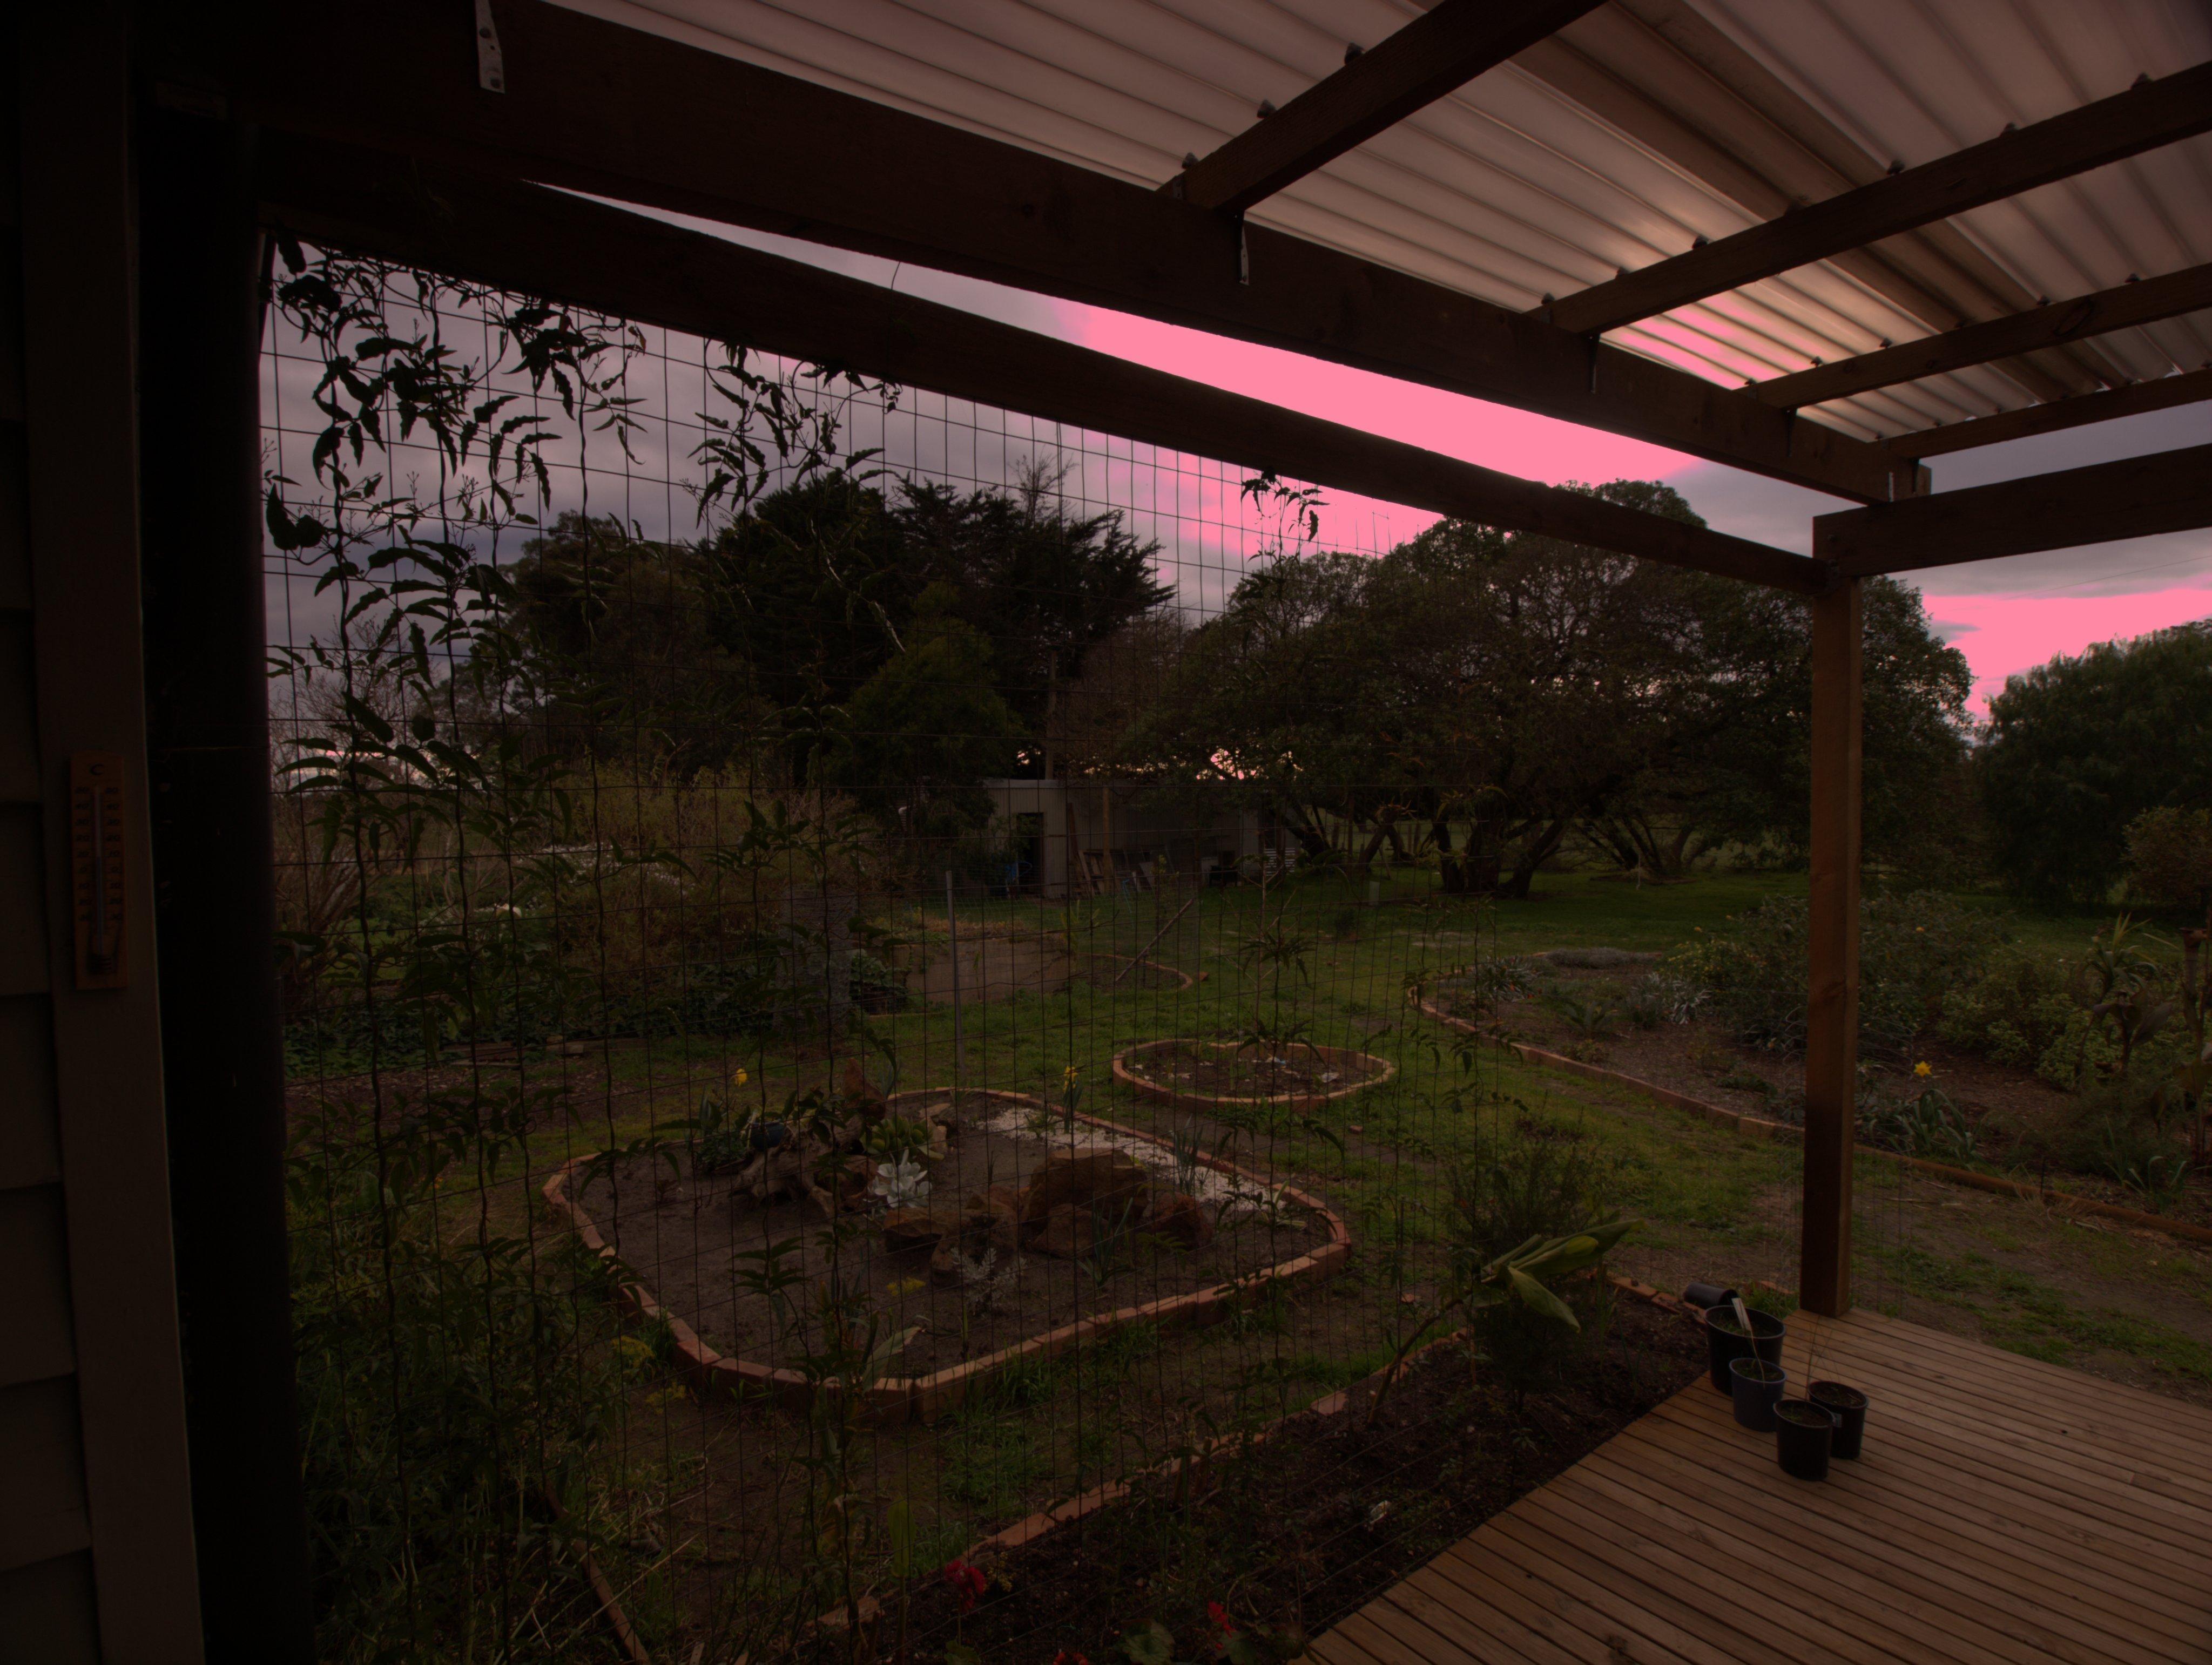 verandah-1-dcraw.jpeg